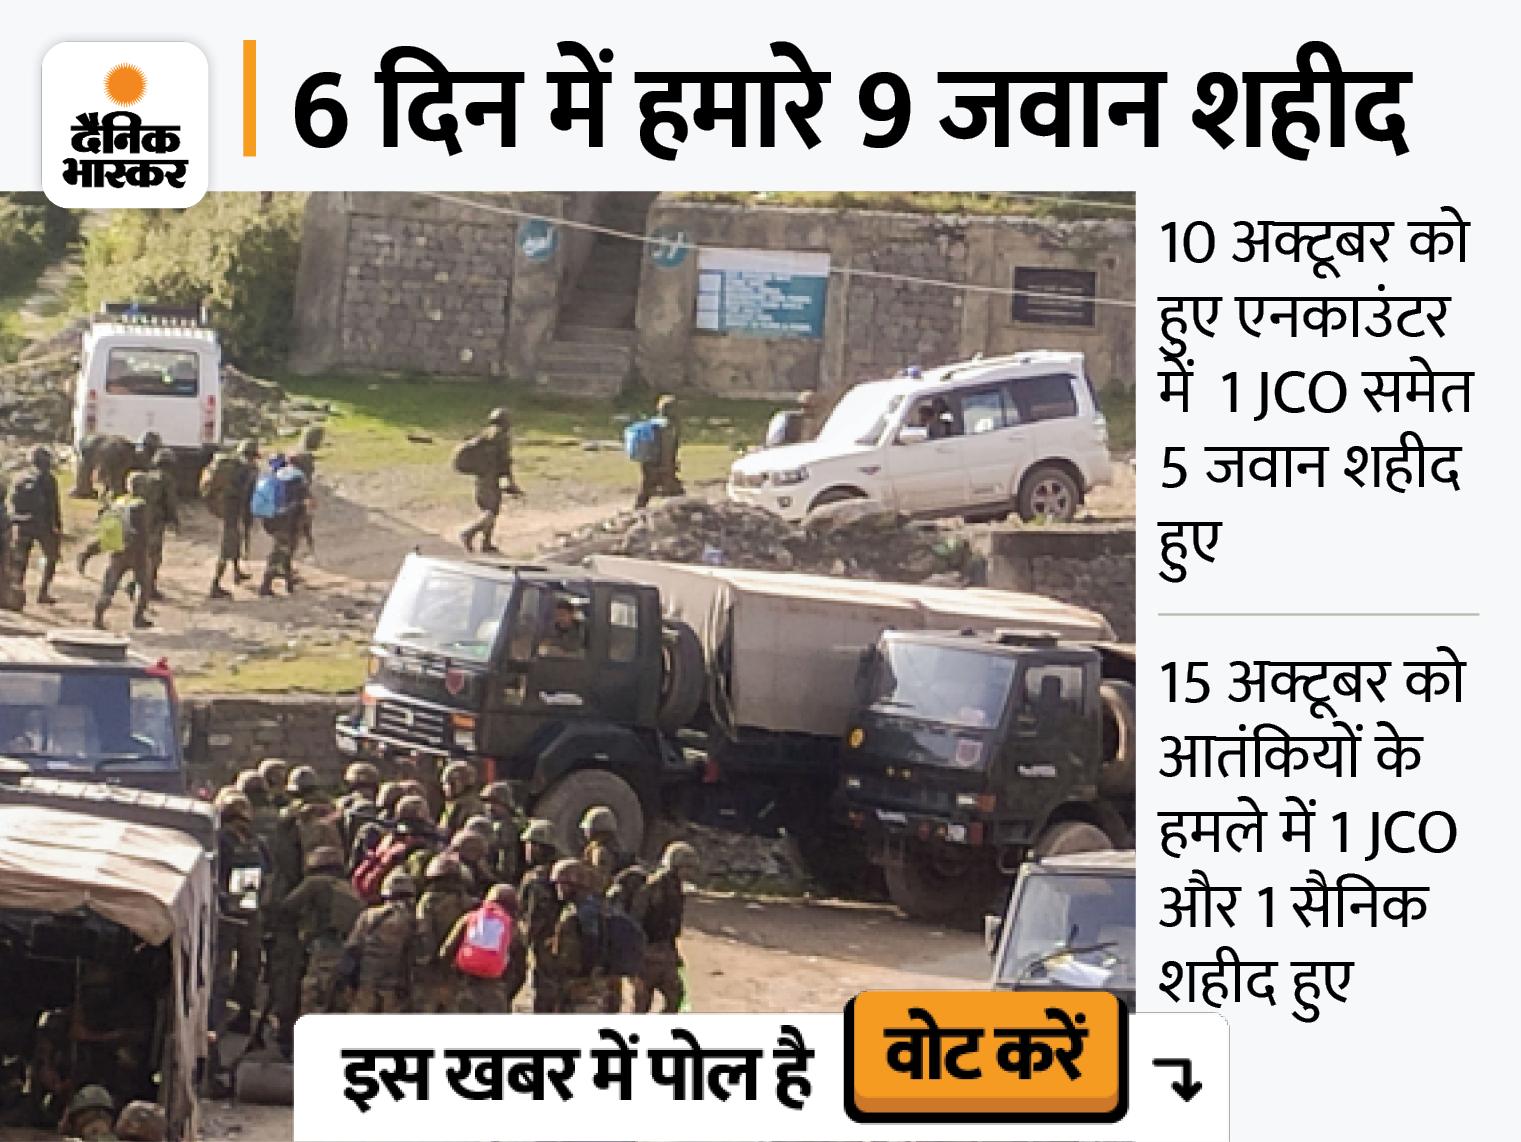 भारतीय सेना को शक- पाकिस्तानी फौज के कमांडो दे रहे हैं आतंकियों को ट्रेनिंग|देश,National - Dainik Bhaskar